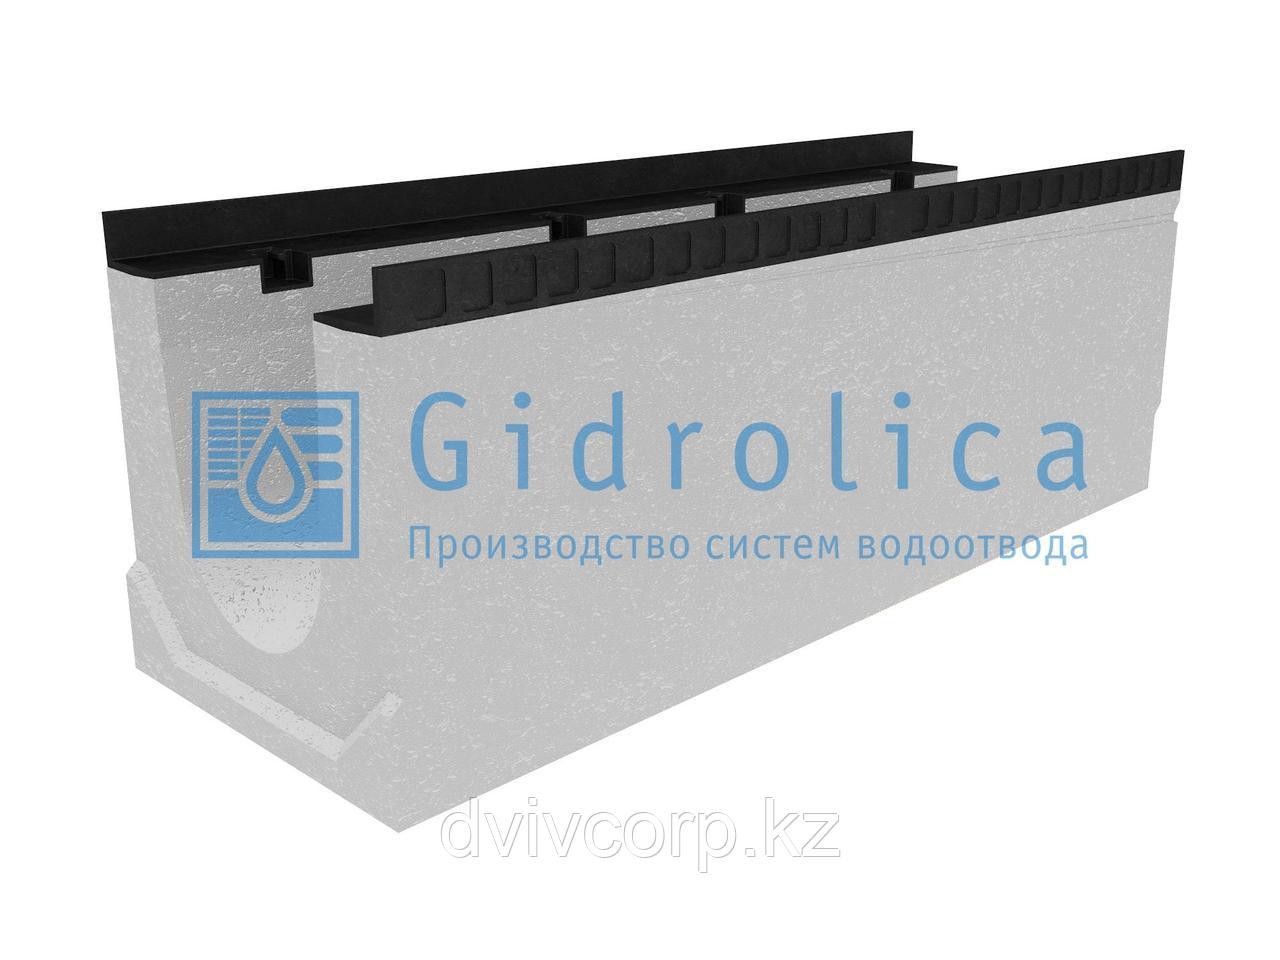 Лоток водоотводный бетонный коробчатый (СО-200мм), с уклоном 0,5%  КUу 100.34(20).36(29) - BGМ, № 10